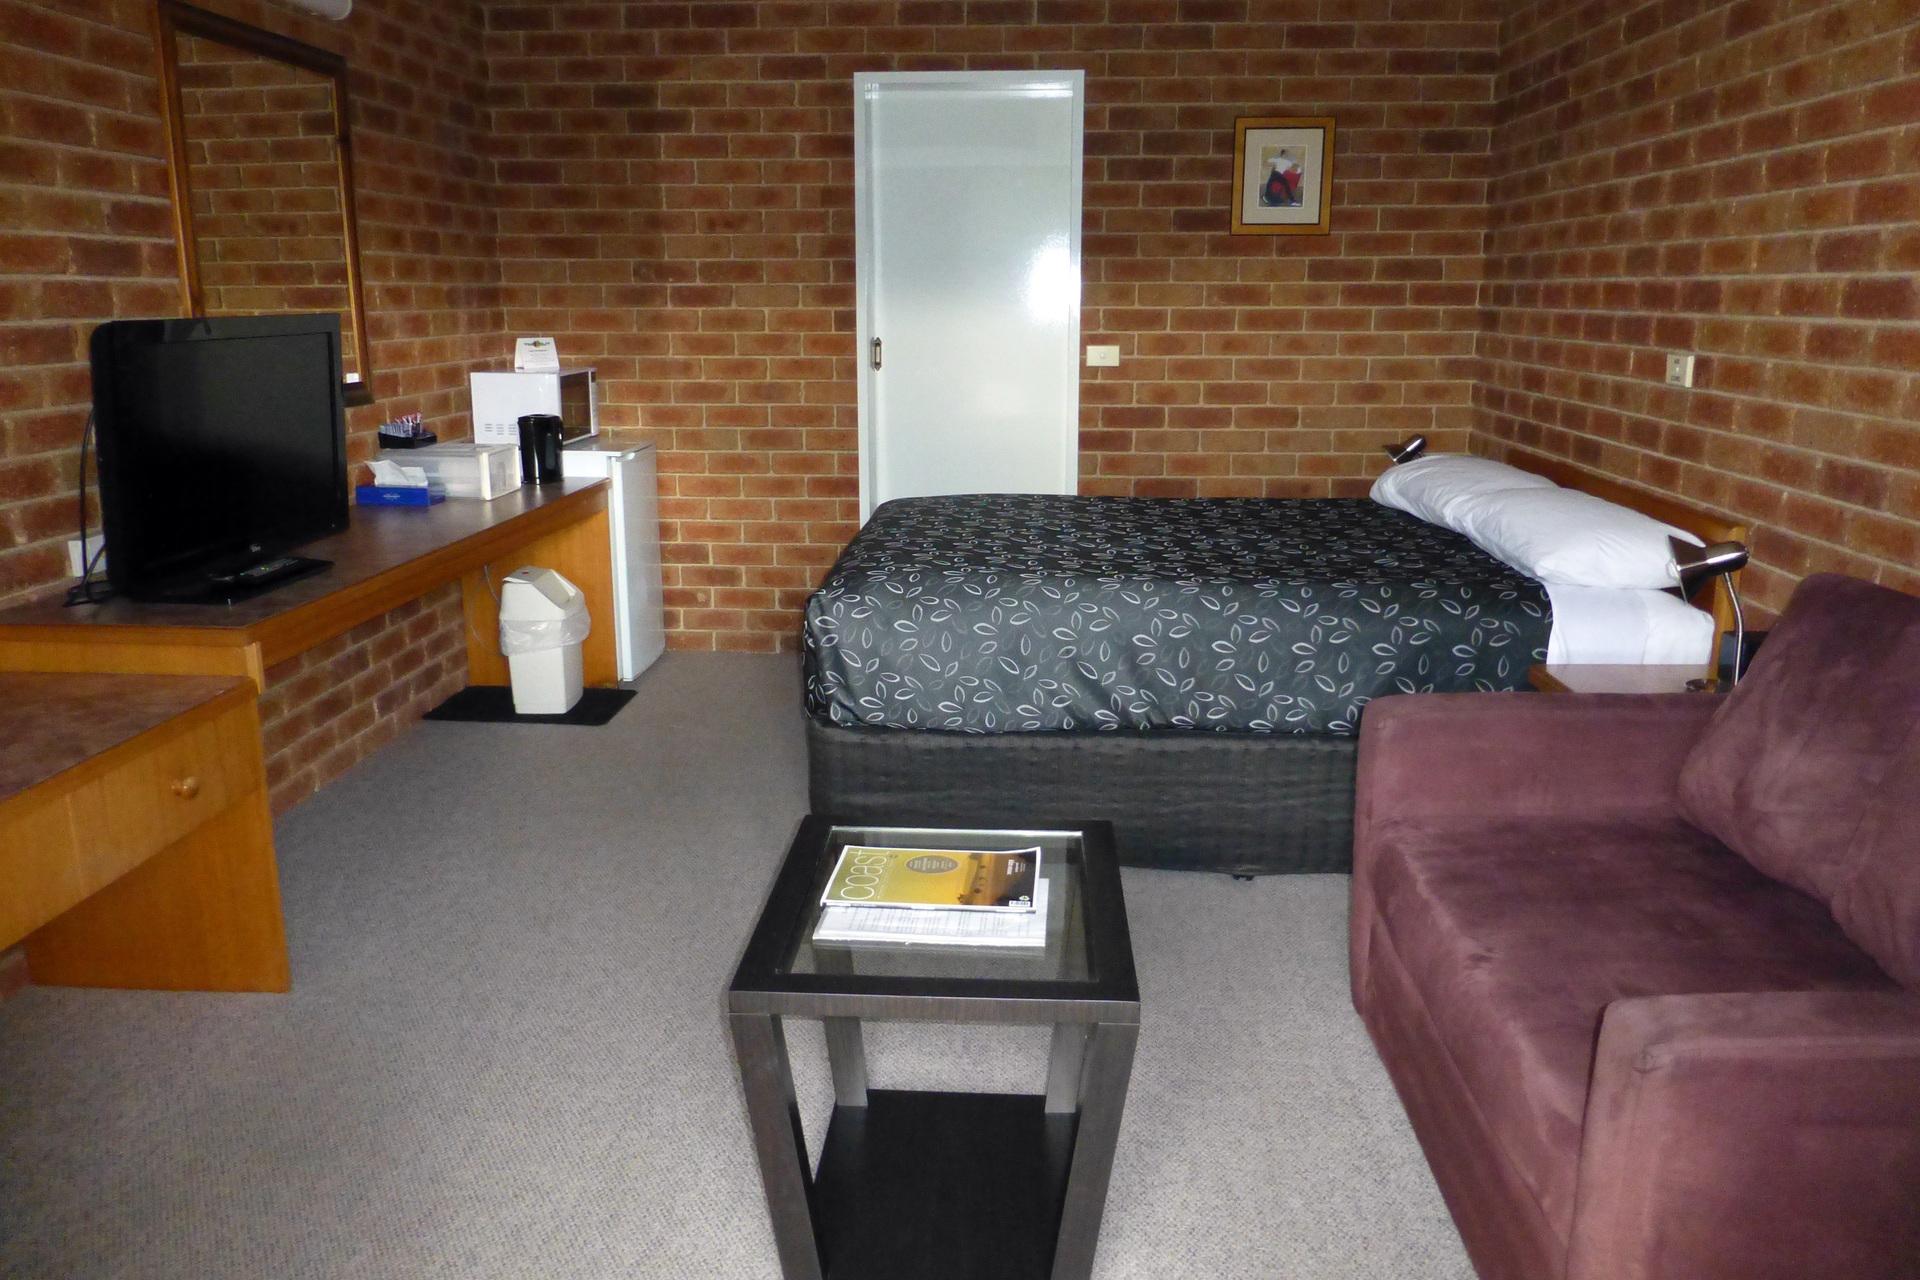 b - Inverloch Central Motor Inn